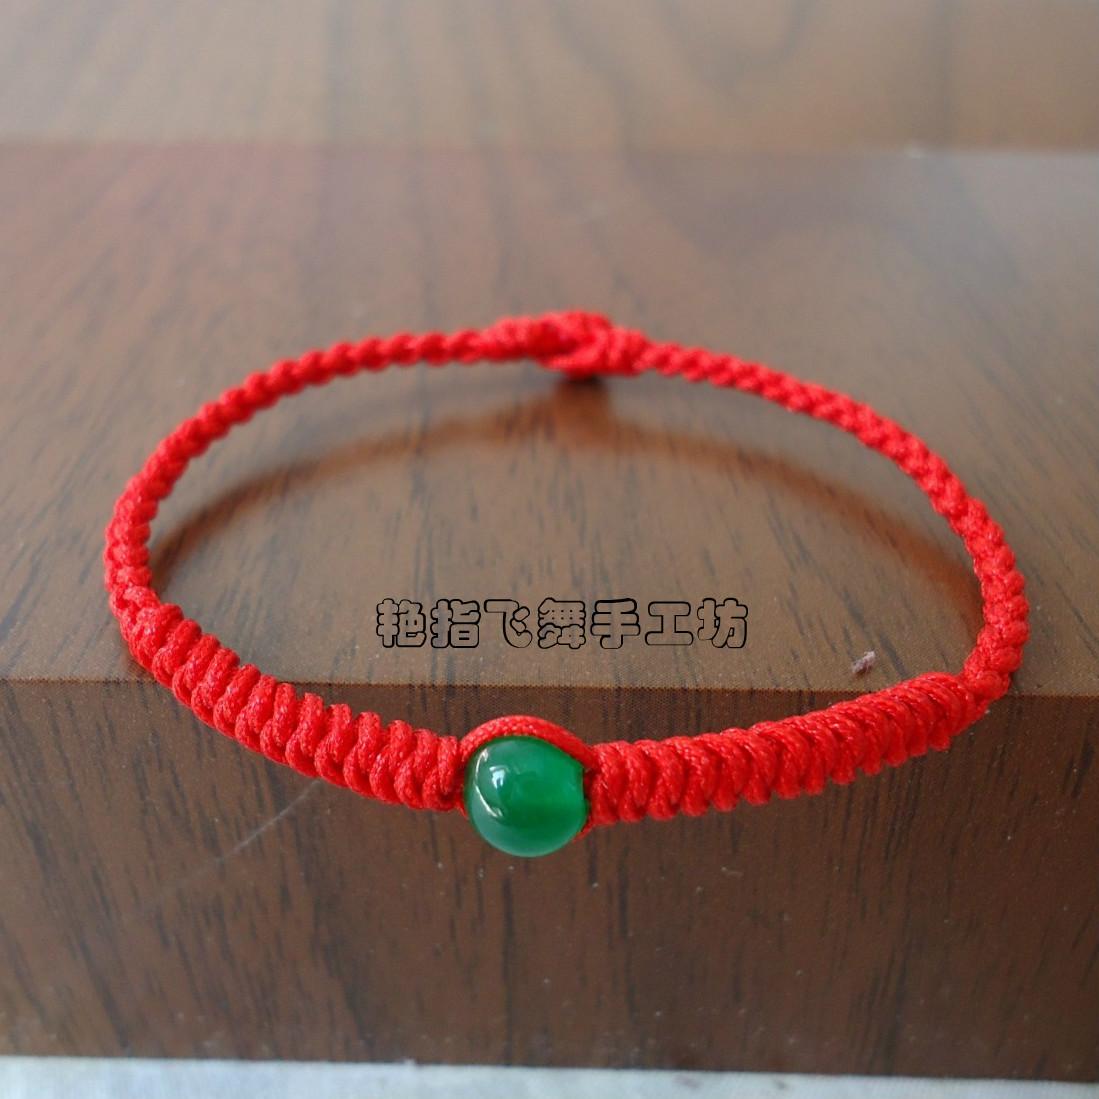 怎样用绳子编手链,如何用绳子编手链,用绳子编手链 ...